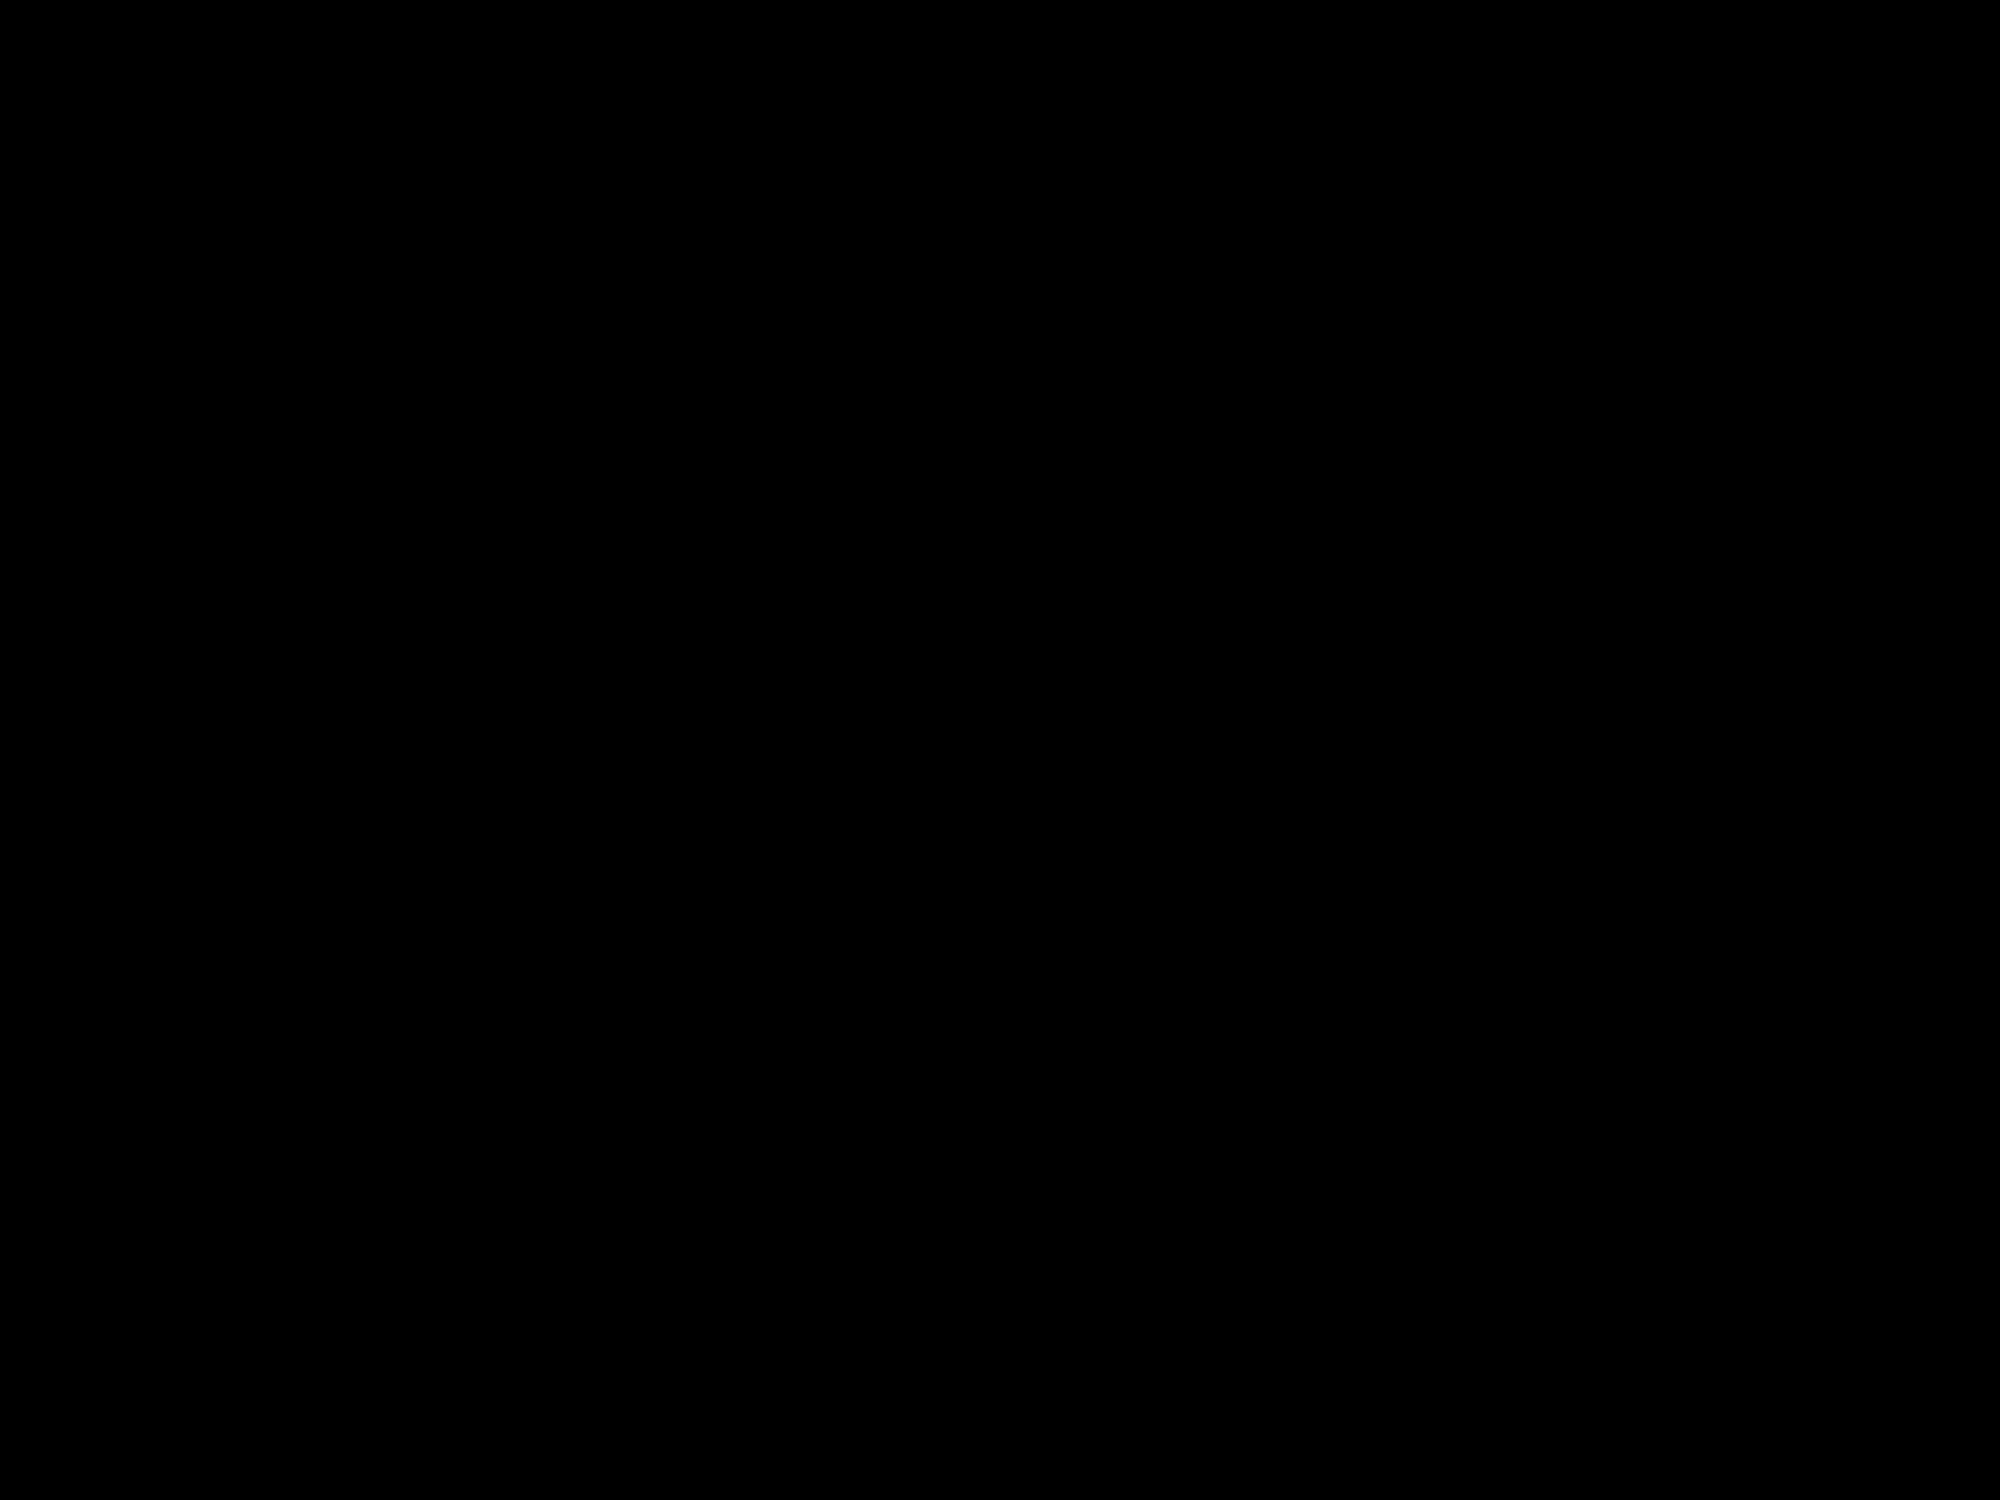 tele-a2a